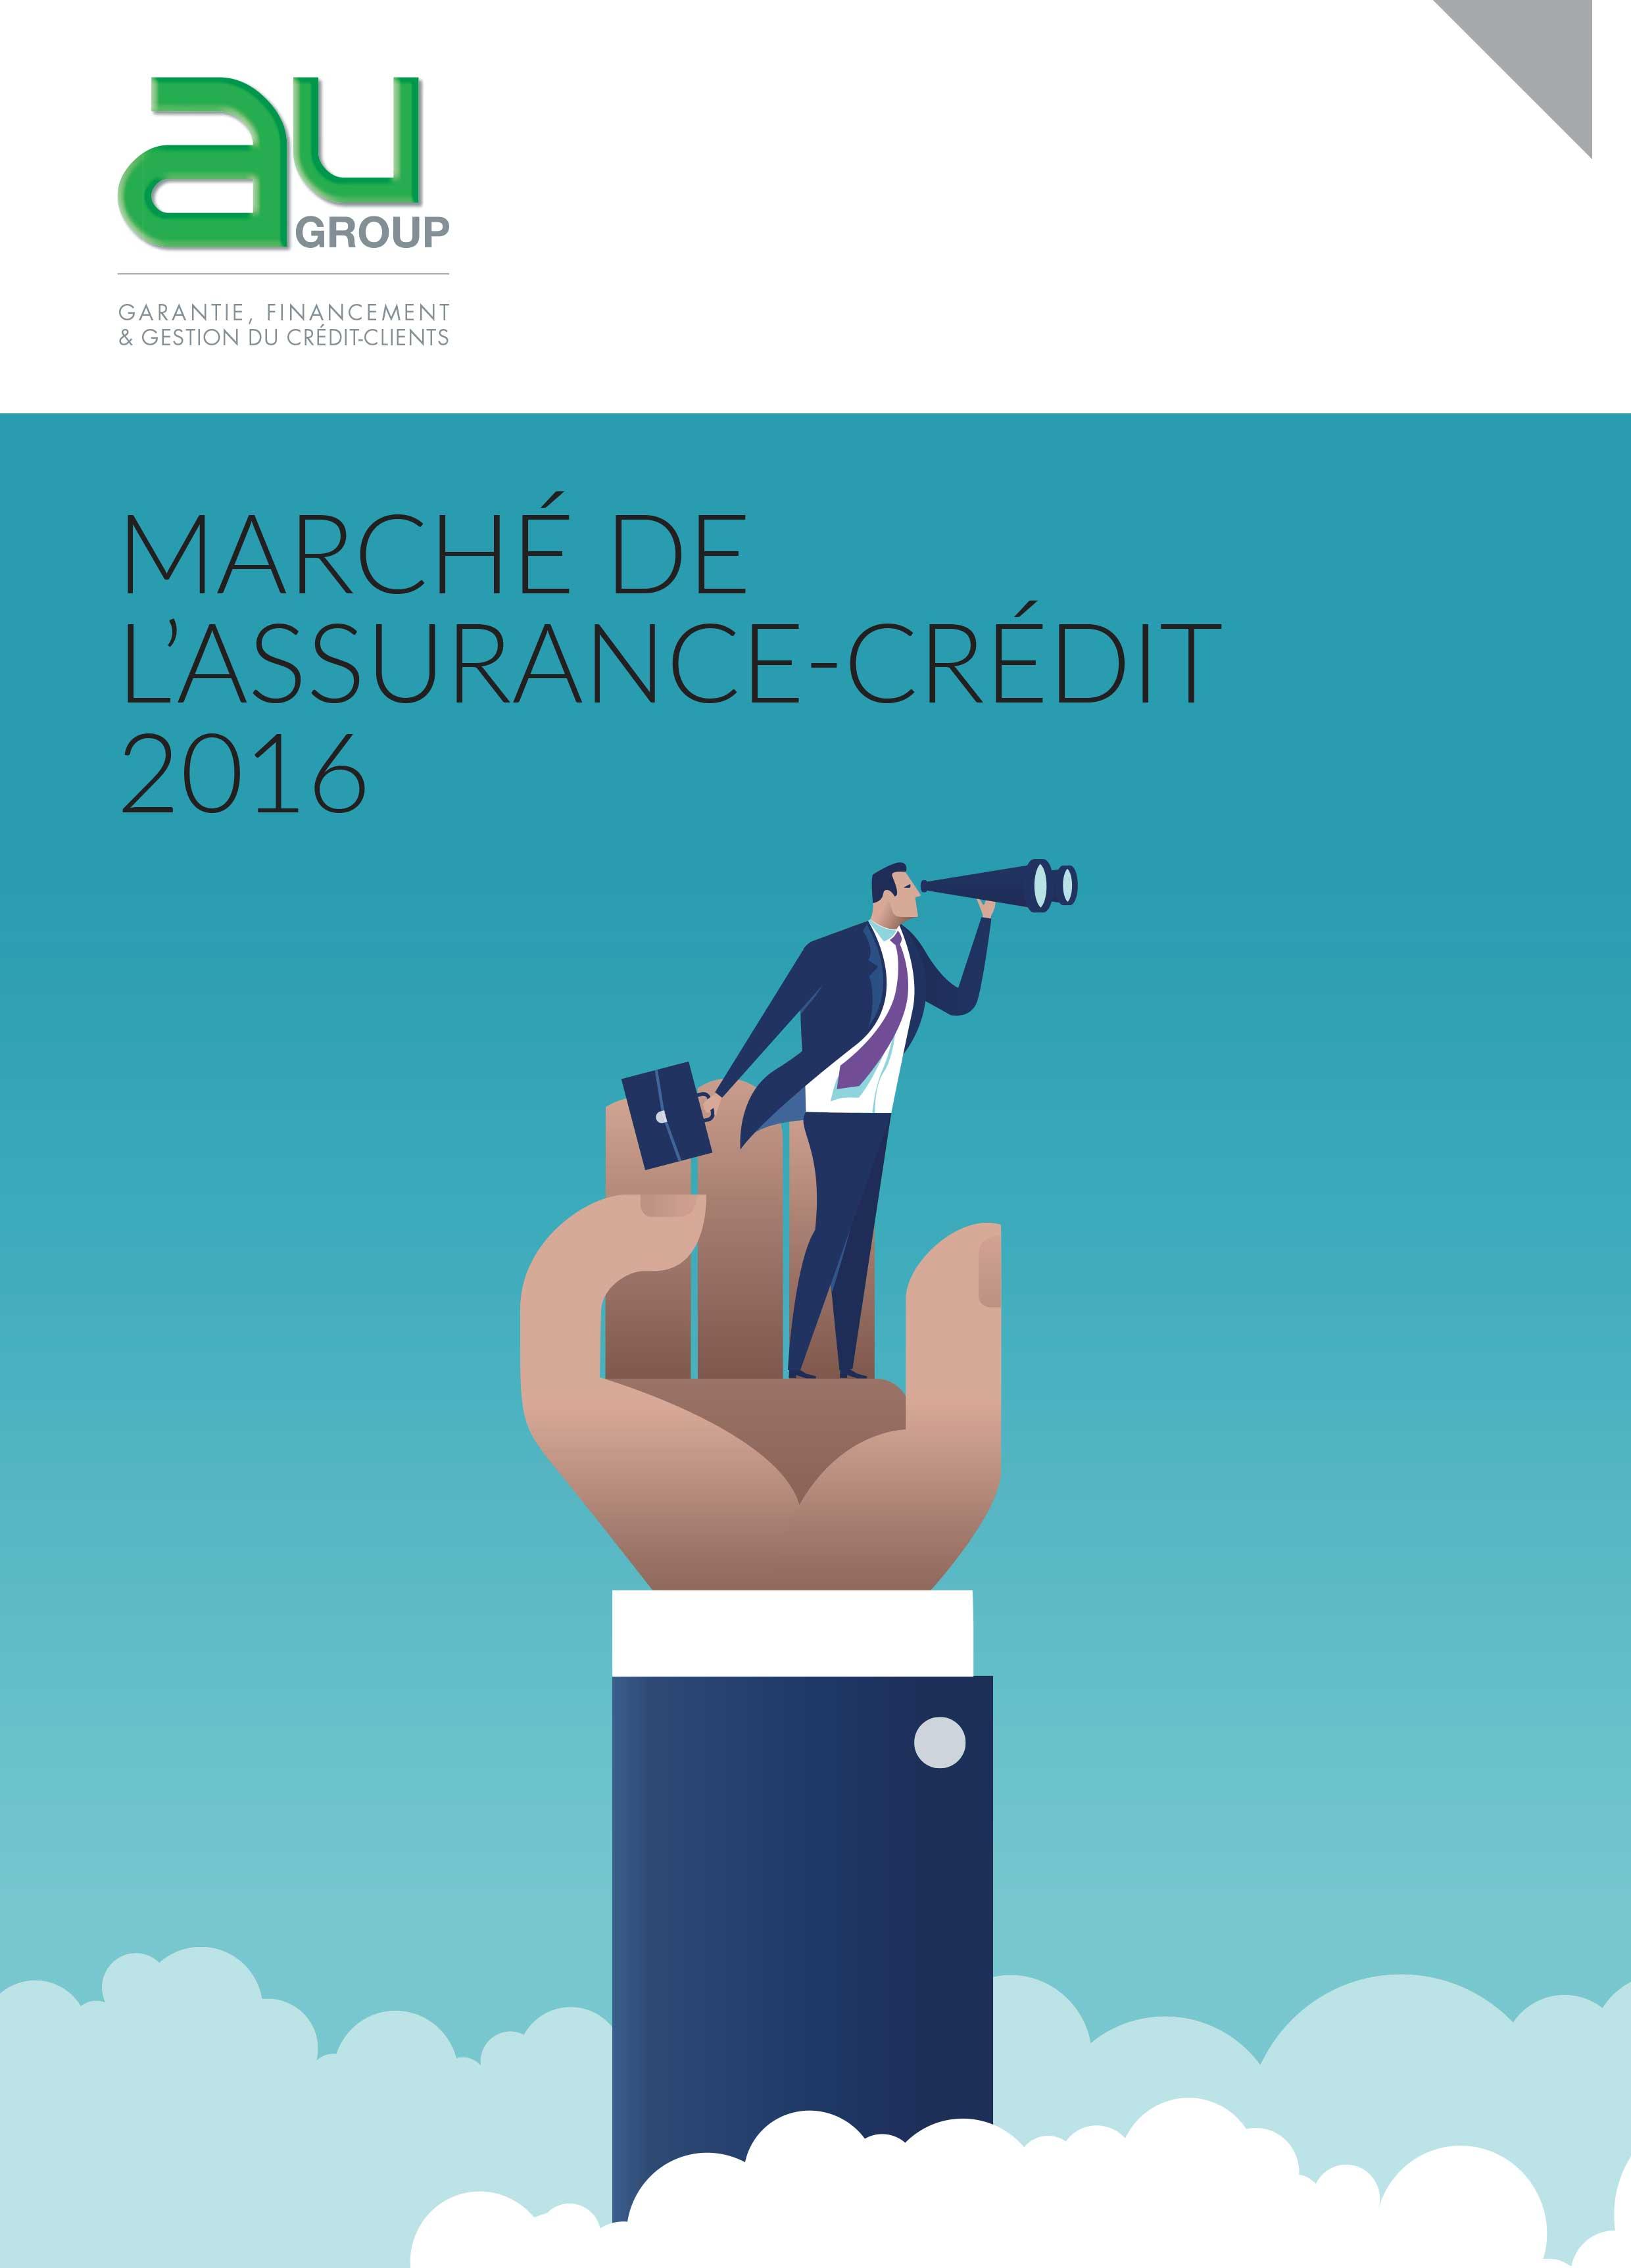 Marché de l'assurance crédit 2016 image